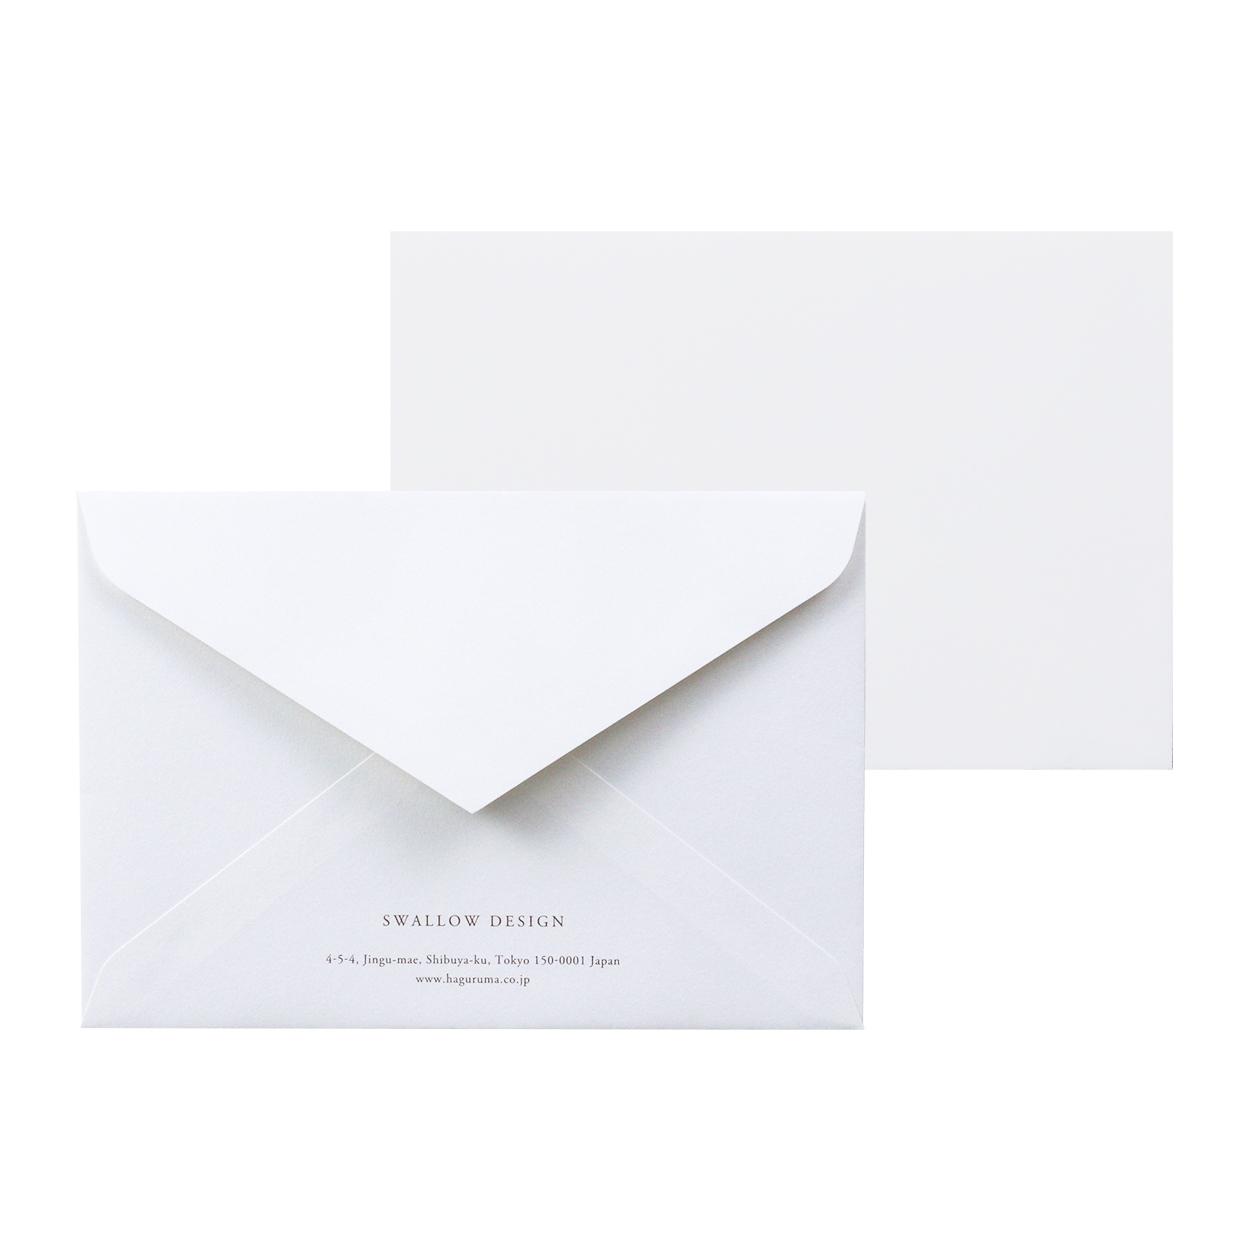 サンプル 封筒・袋 00071